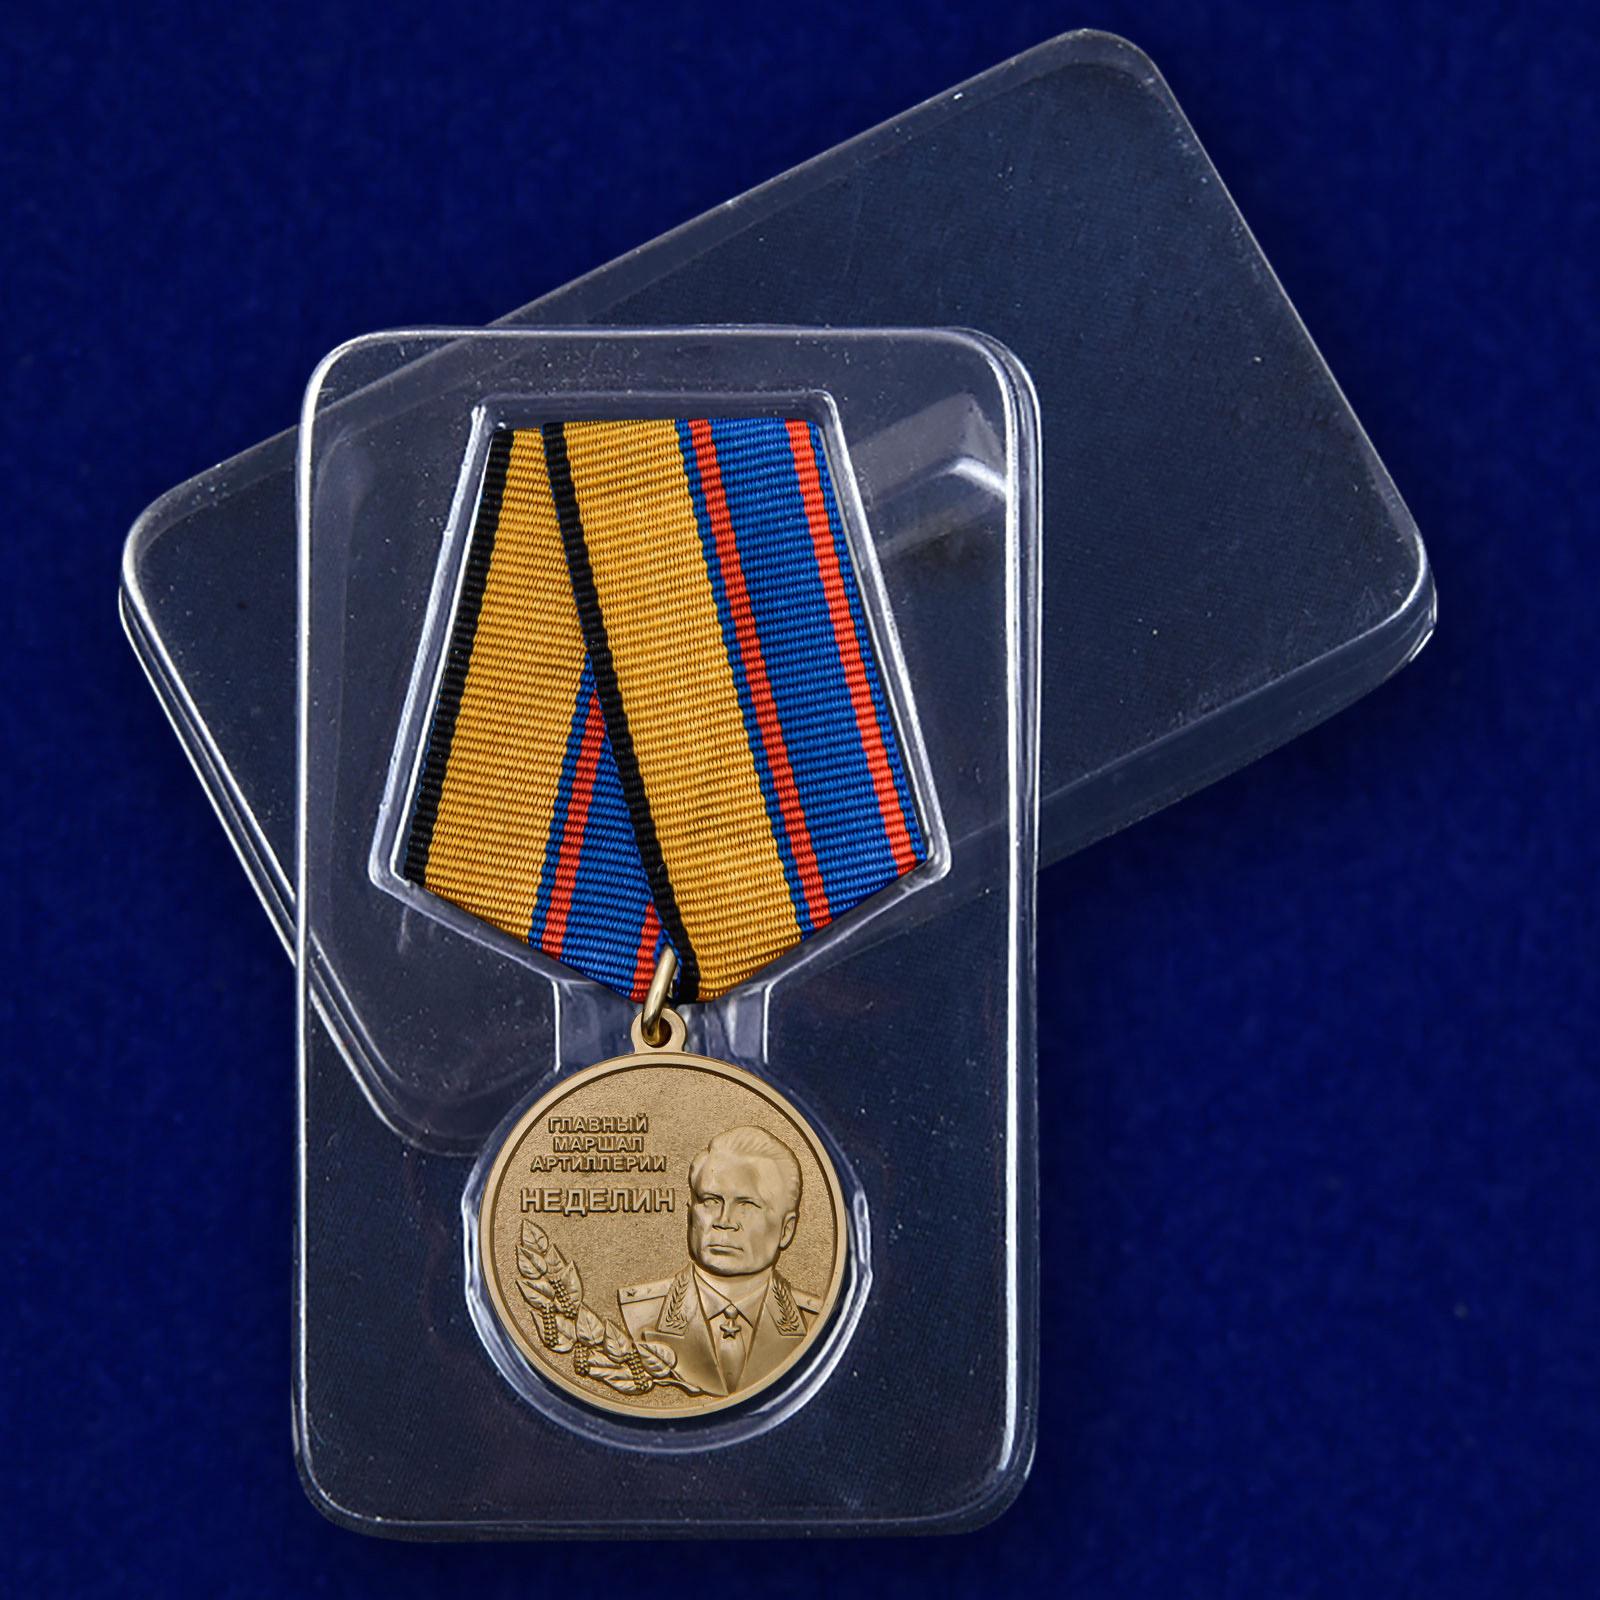 Медаль Главный маршал артиллерии Неделин - в футляре